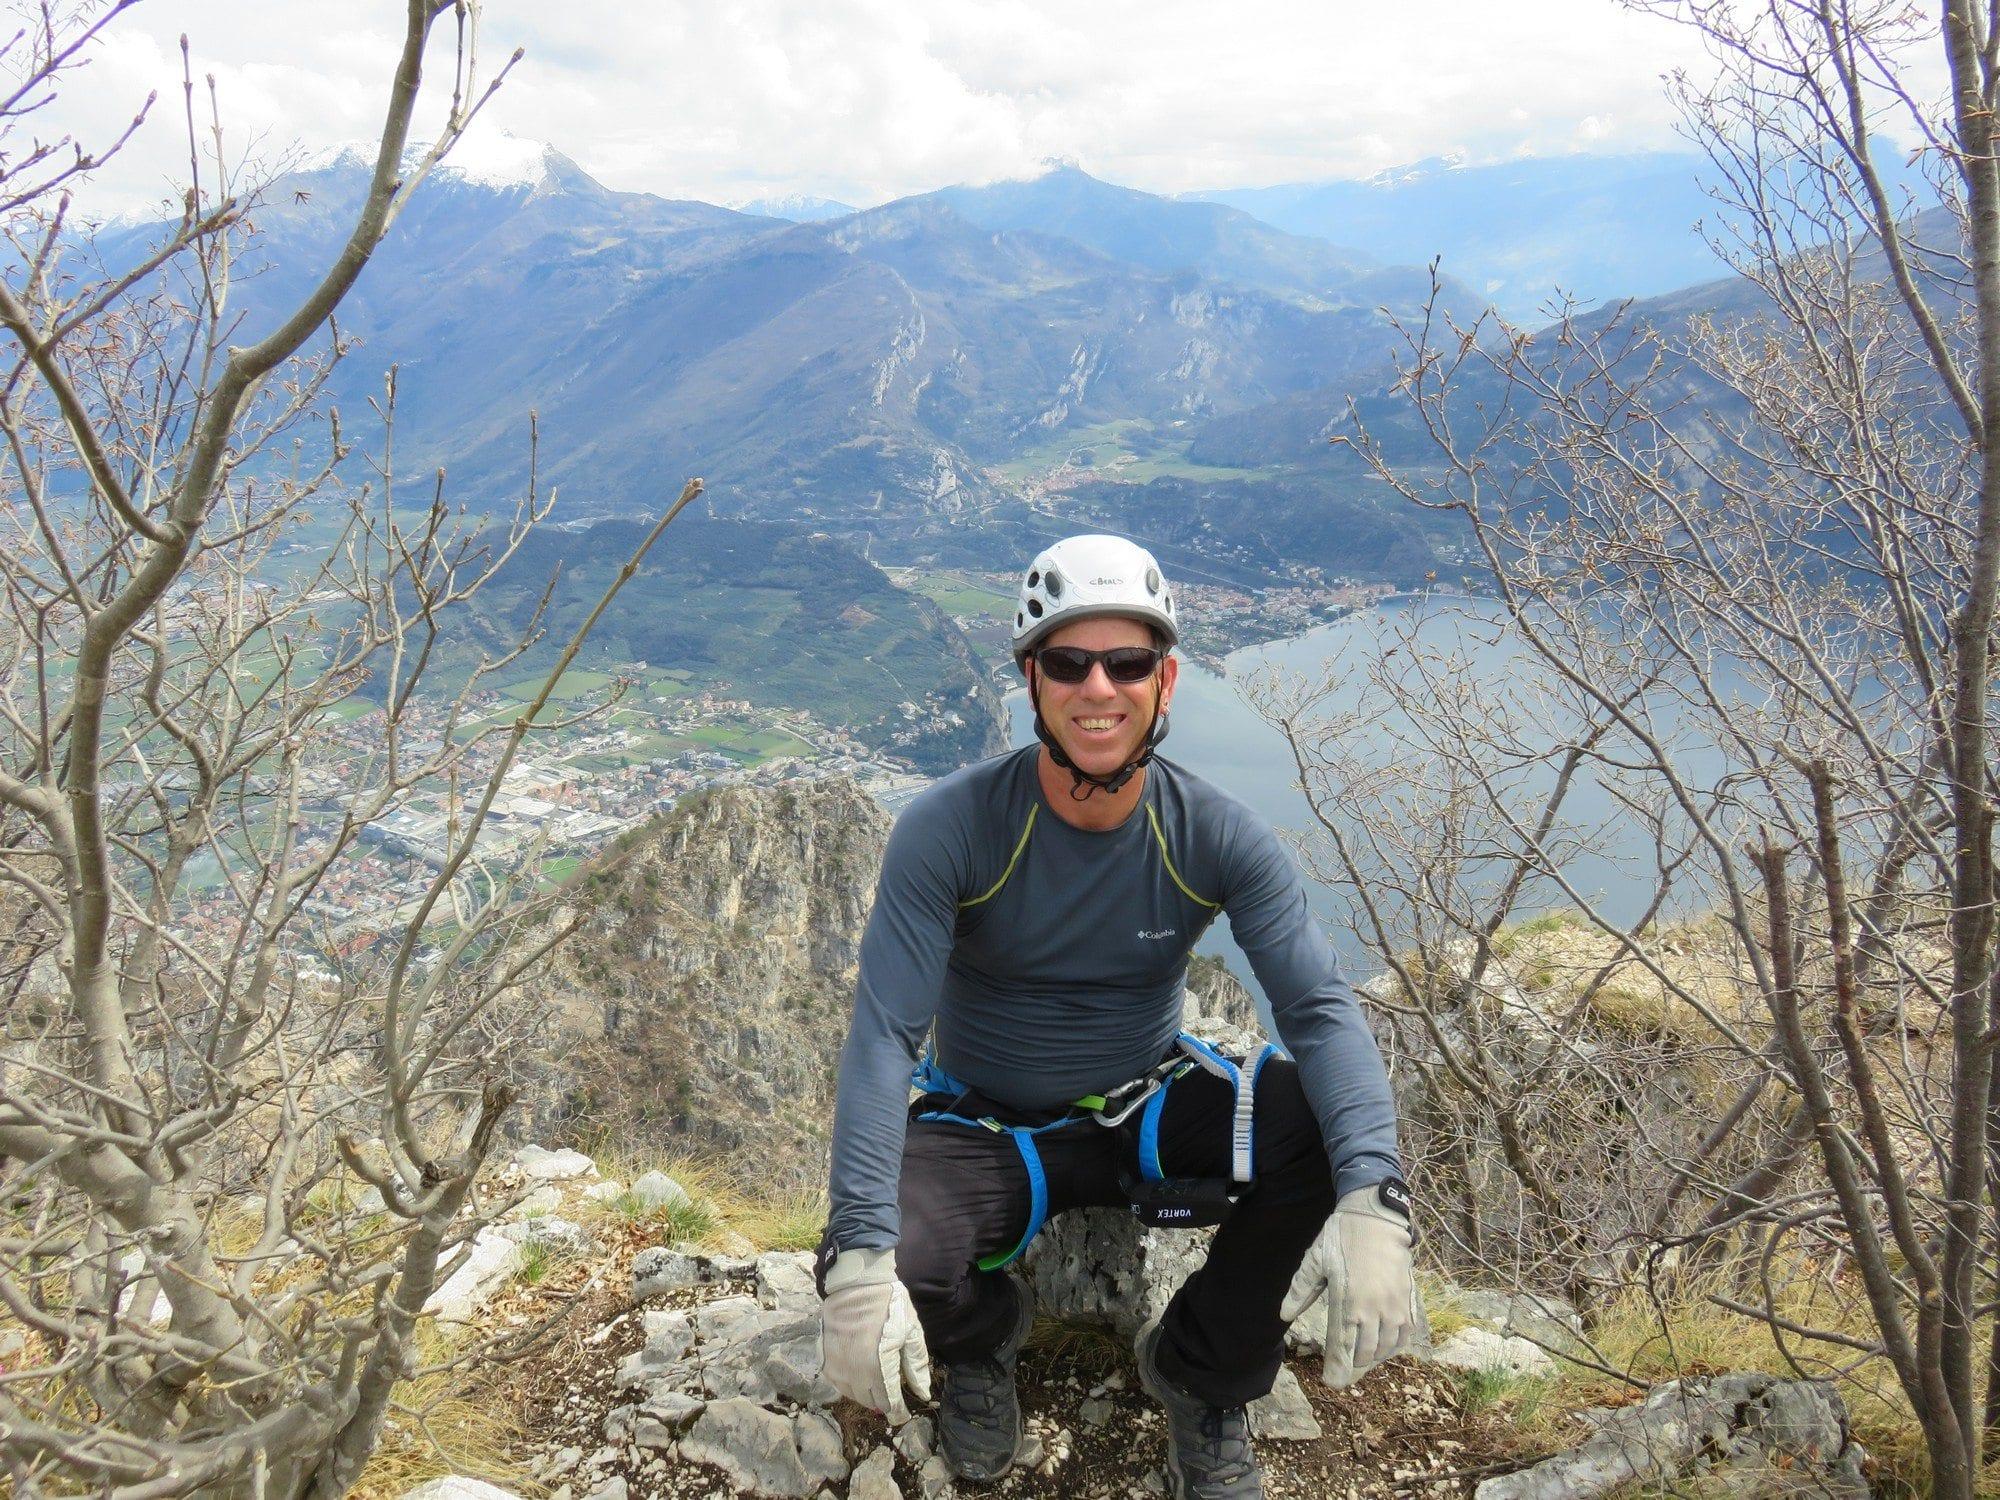 ויה פראטה Colodri – אגם גארדה צפון איטליה - ערוצים בטבע